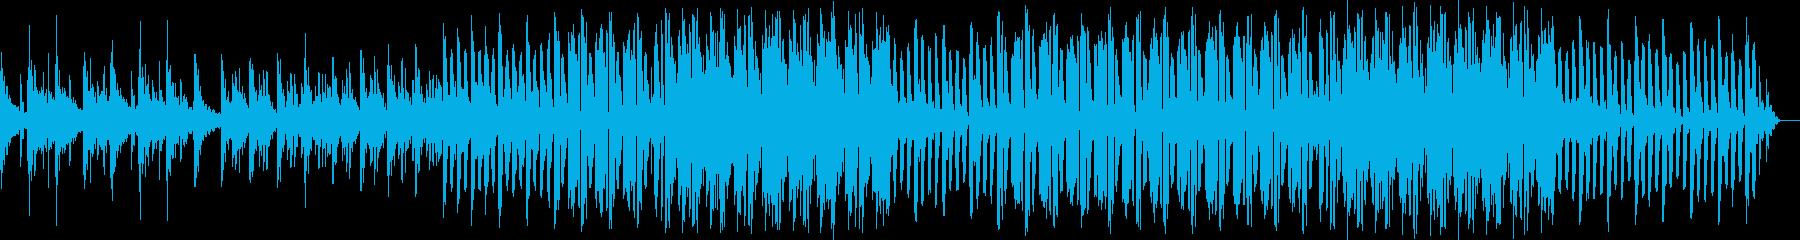 都会的なオリエンタルハウスミュージックの再生済みの波形